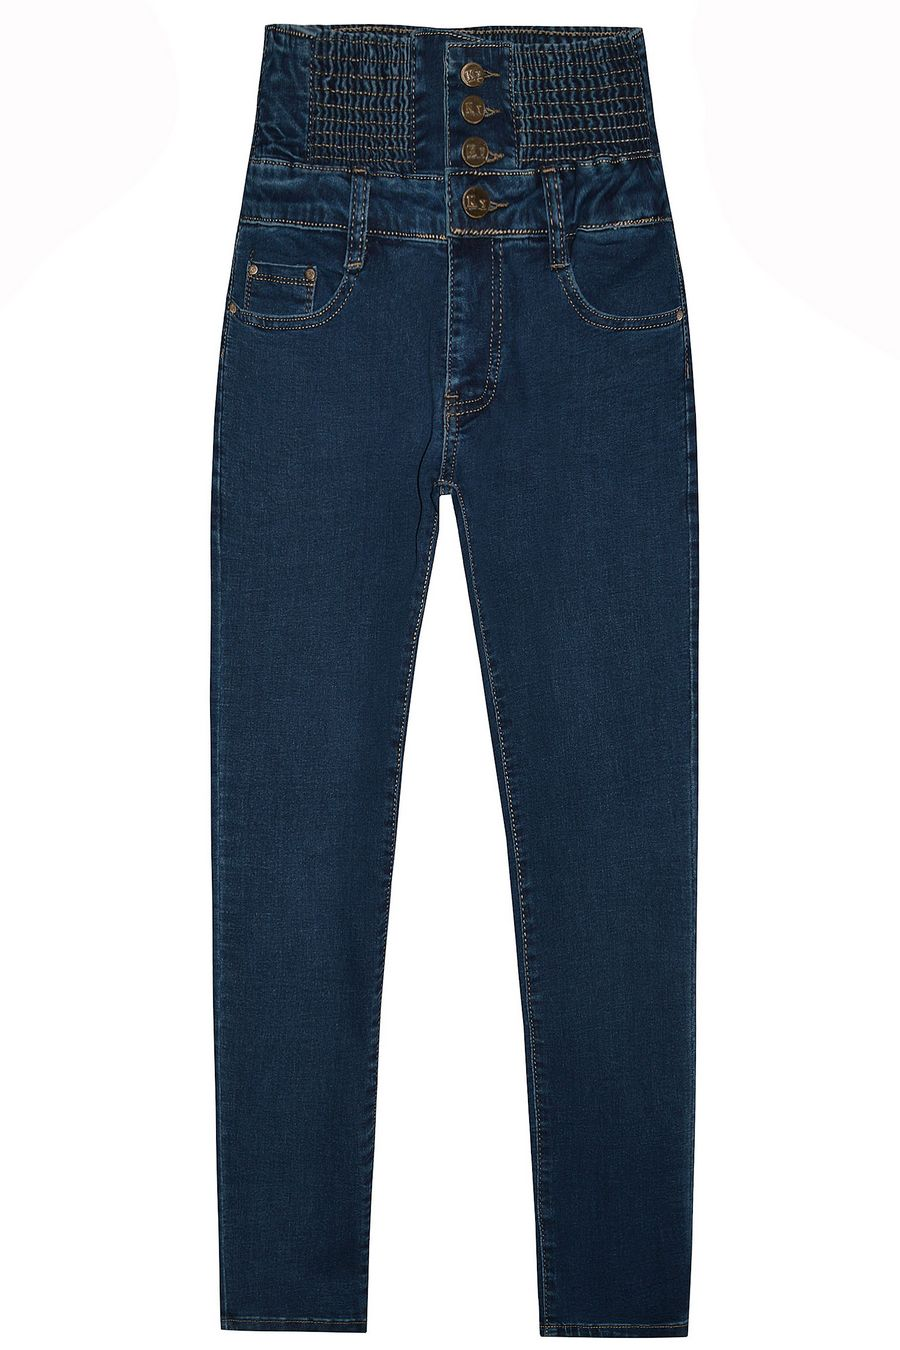 Джинсы женские K.Y Jeans L489 - фото 1